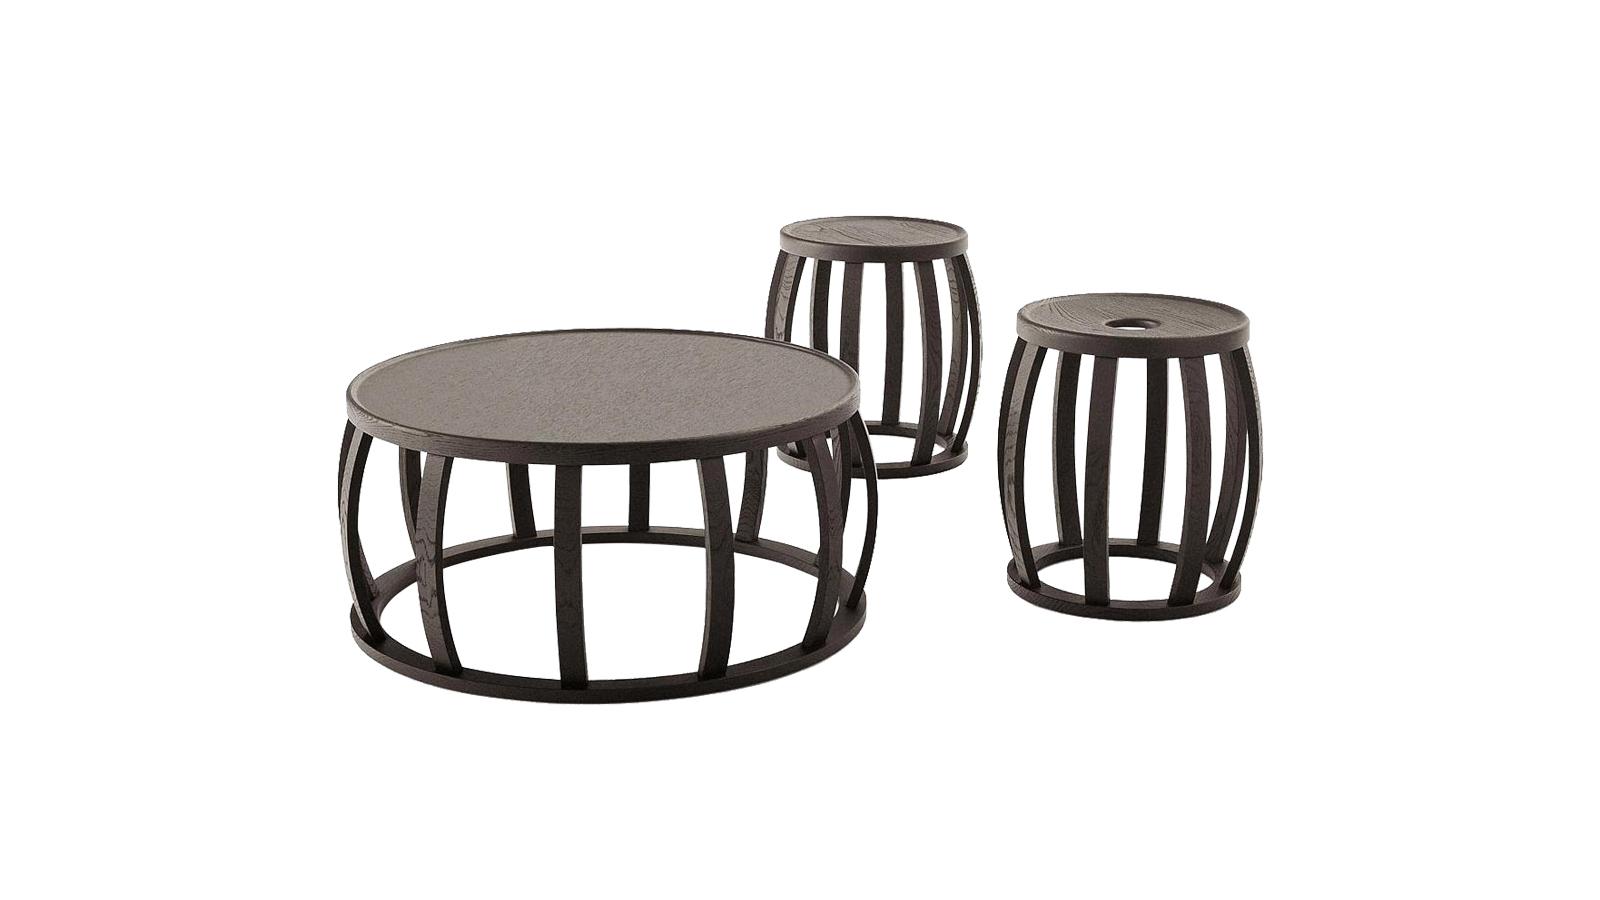 A Loto lerakóasztal gömbölydedségét keskeny lábazati megoldása oldja, mely számos tömörfa-fajtából megrendelhető. A két méretben kapható Loto stílusos, elegáns kiegészítő, mely önmagában is karaktert adhat egy letisztult, elegáns helyiségnek.